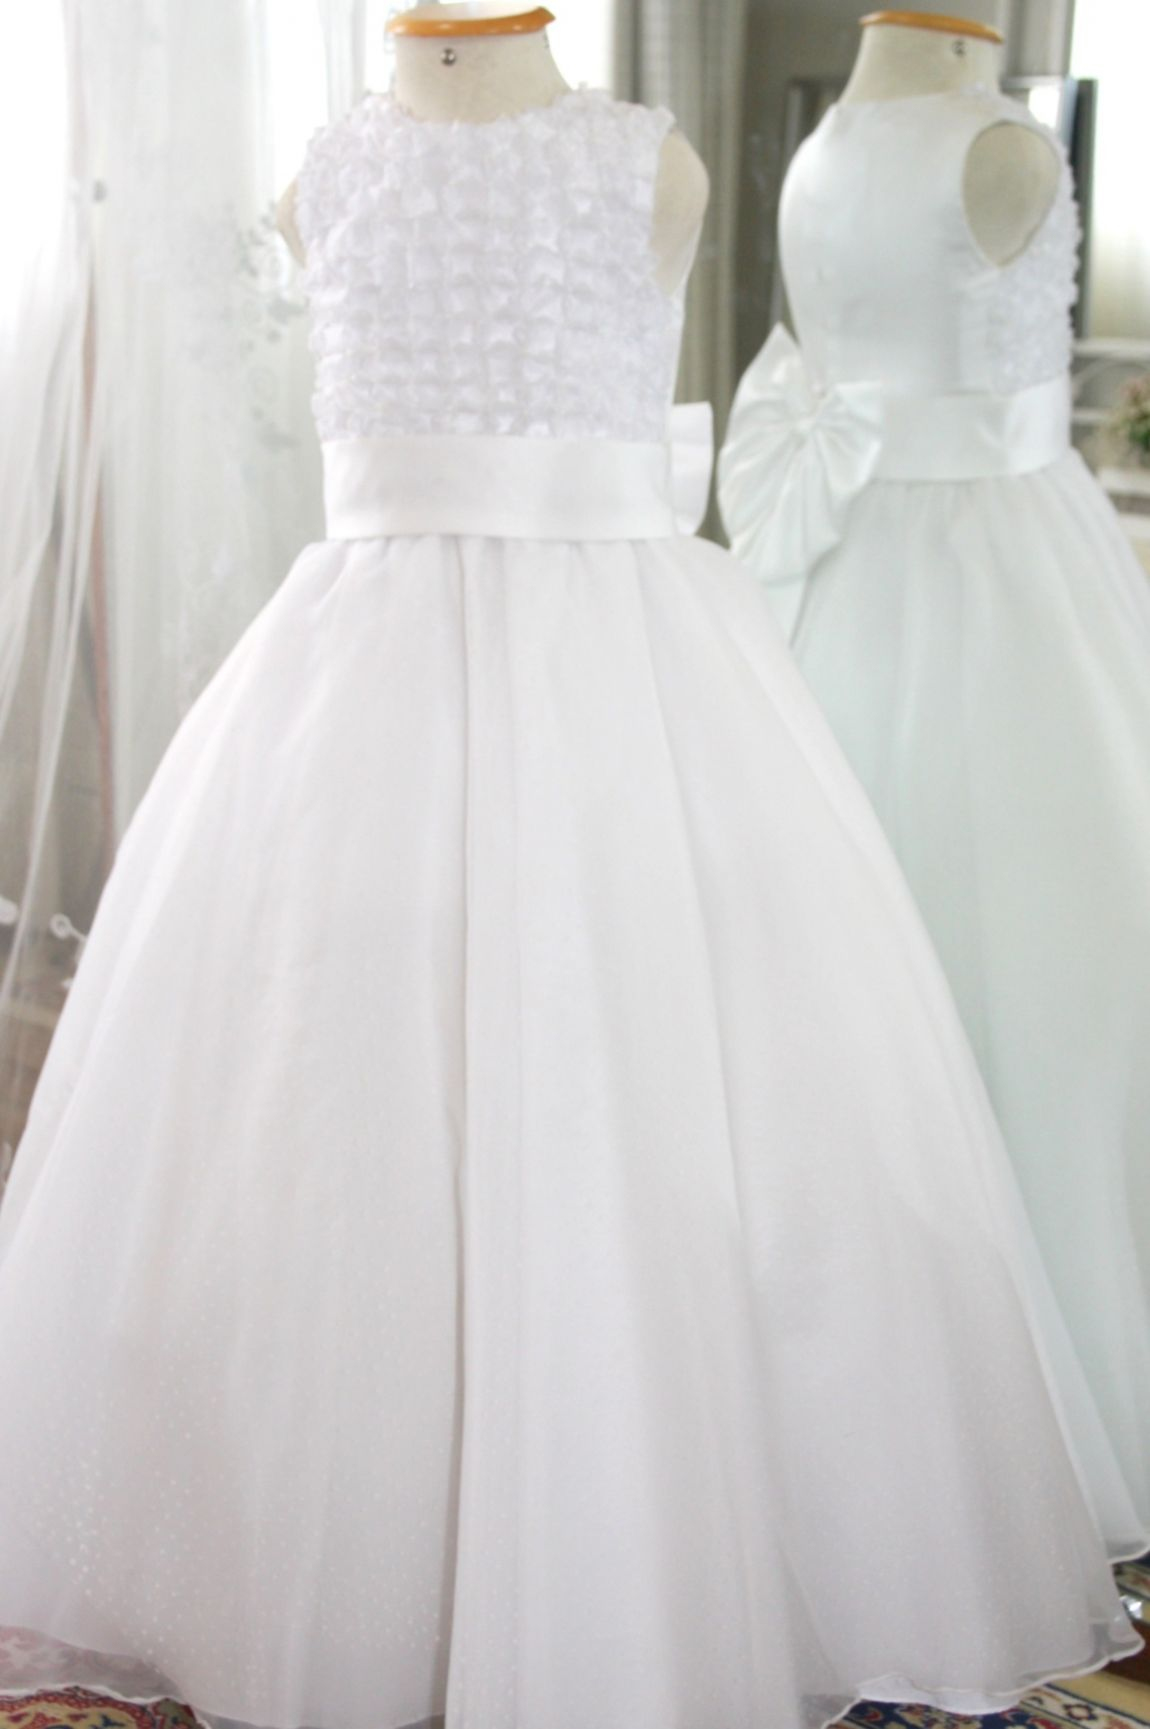 Vestidos para Daminha - 140 - Hipnose Alta Costura e Spa para Noivas e Noivos - Campinas - SP Vestido de Daminha, Vestido para Daminha de Casamento, Hipnose Alta Costura